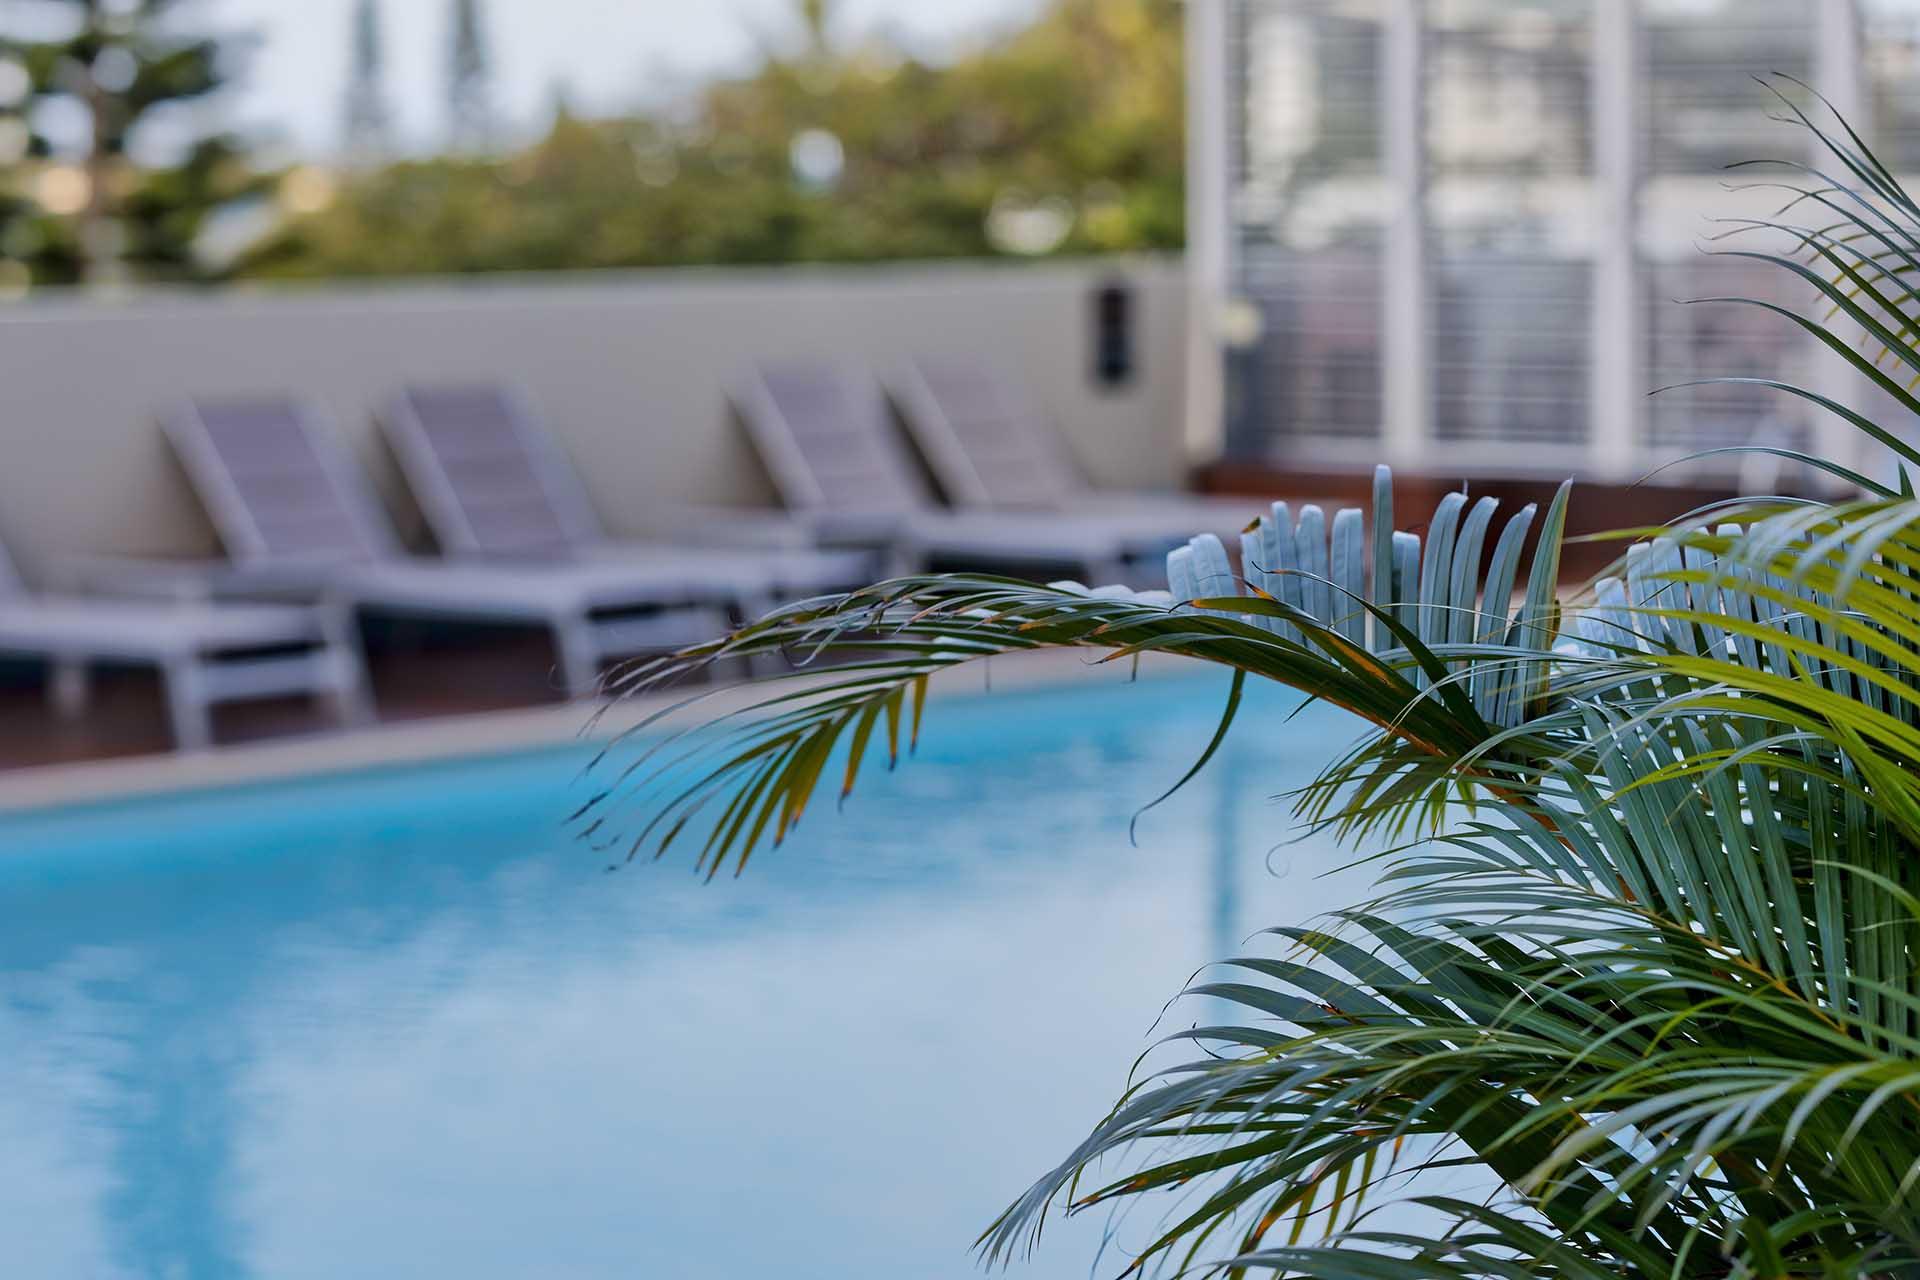 Costruzione piscine Ferrari Verde Blu